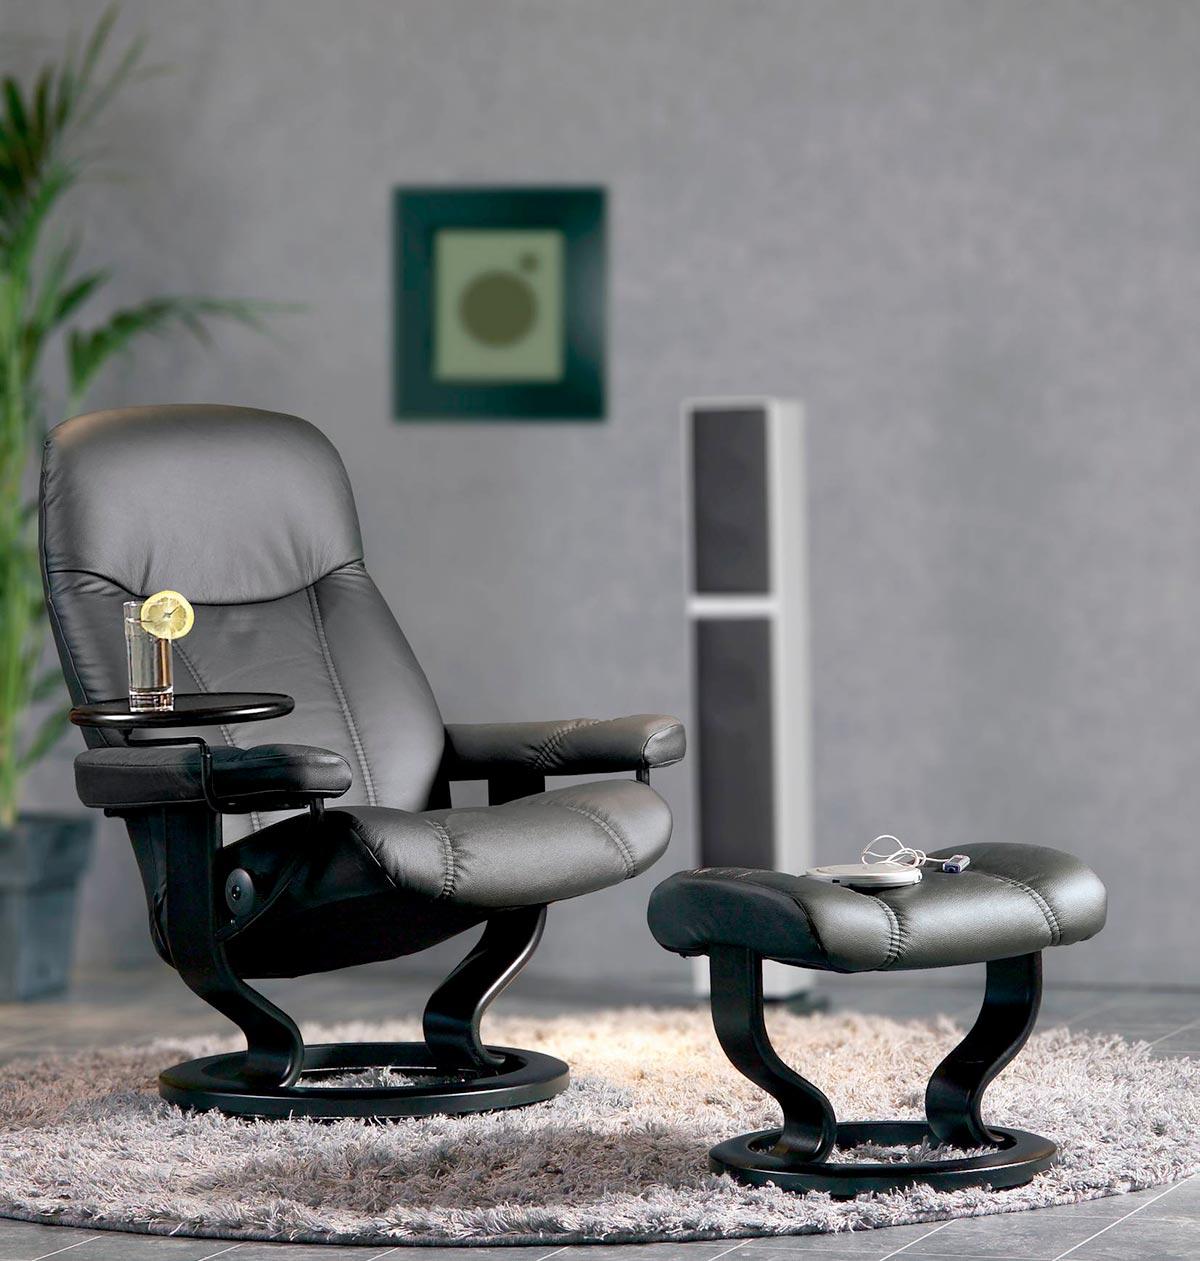 Najvažnija stvar je, ne samo da Vam se svidi fotelja, već da se u njoj osećate komforno.